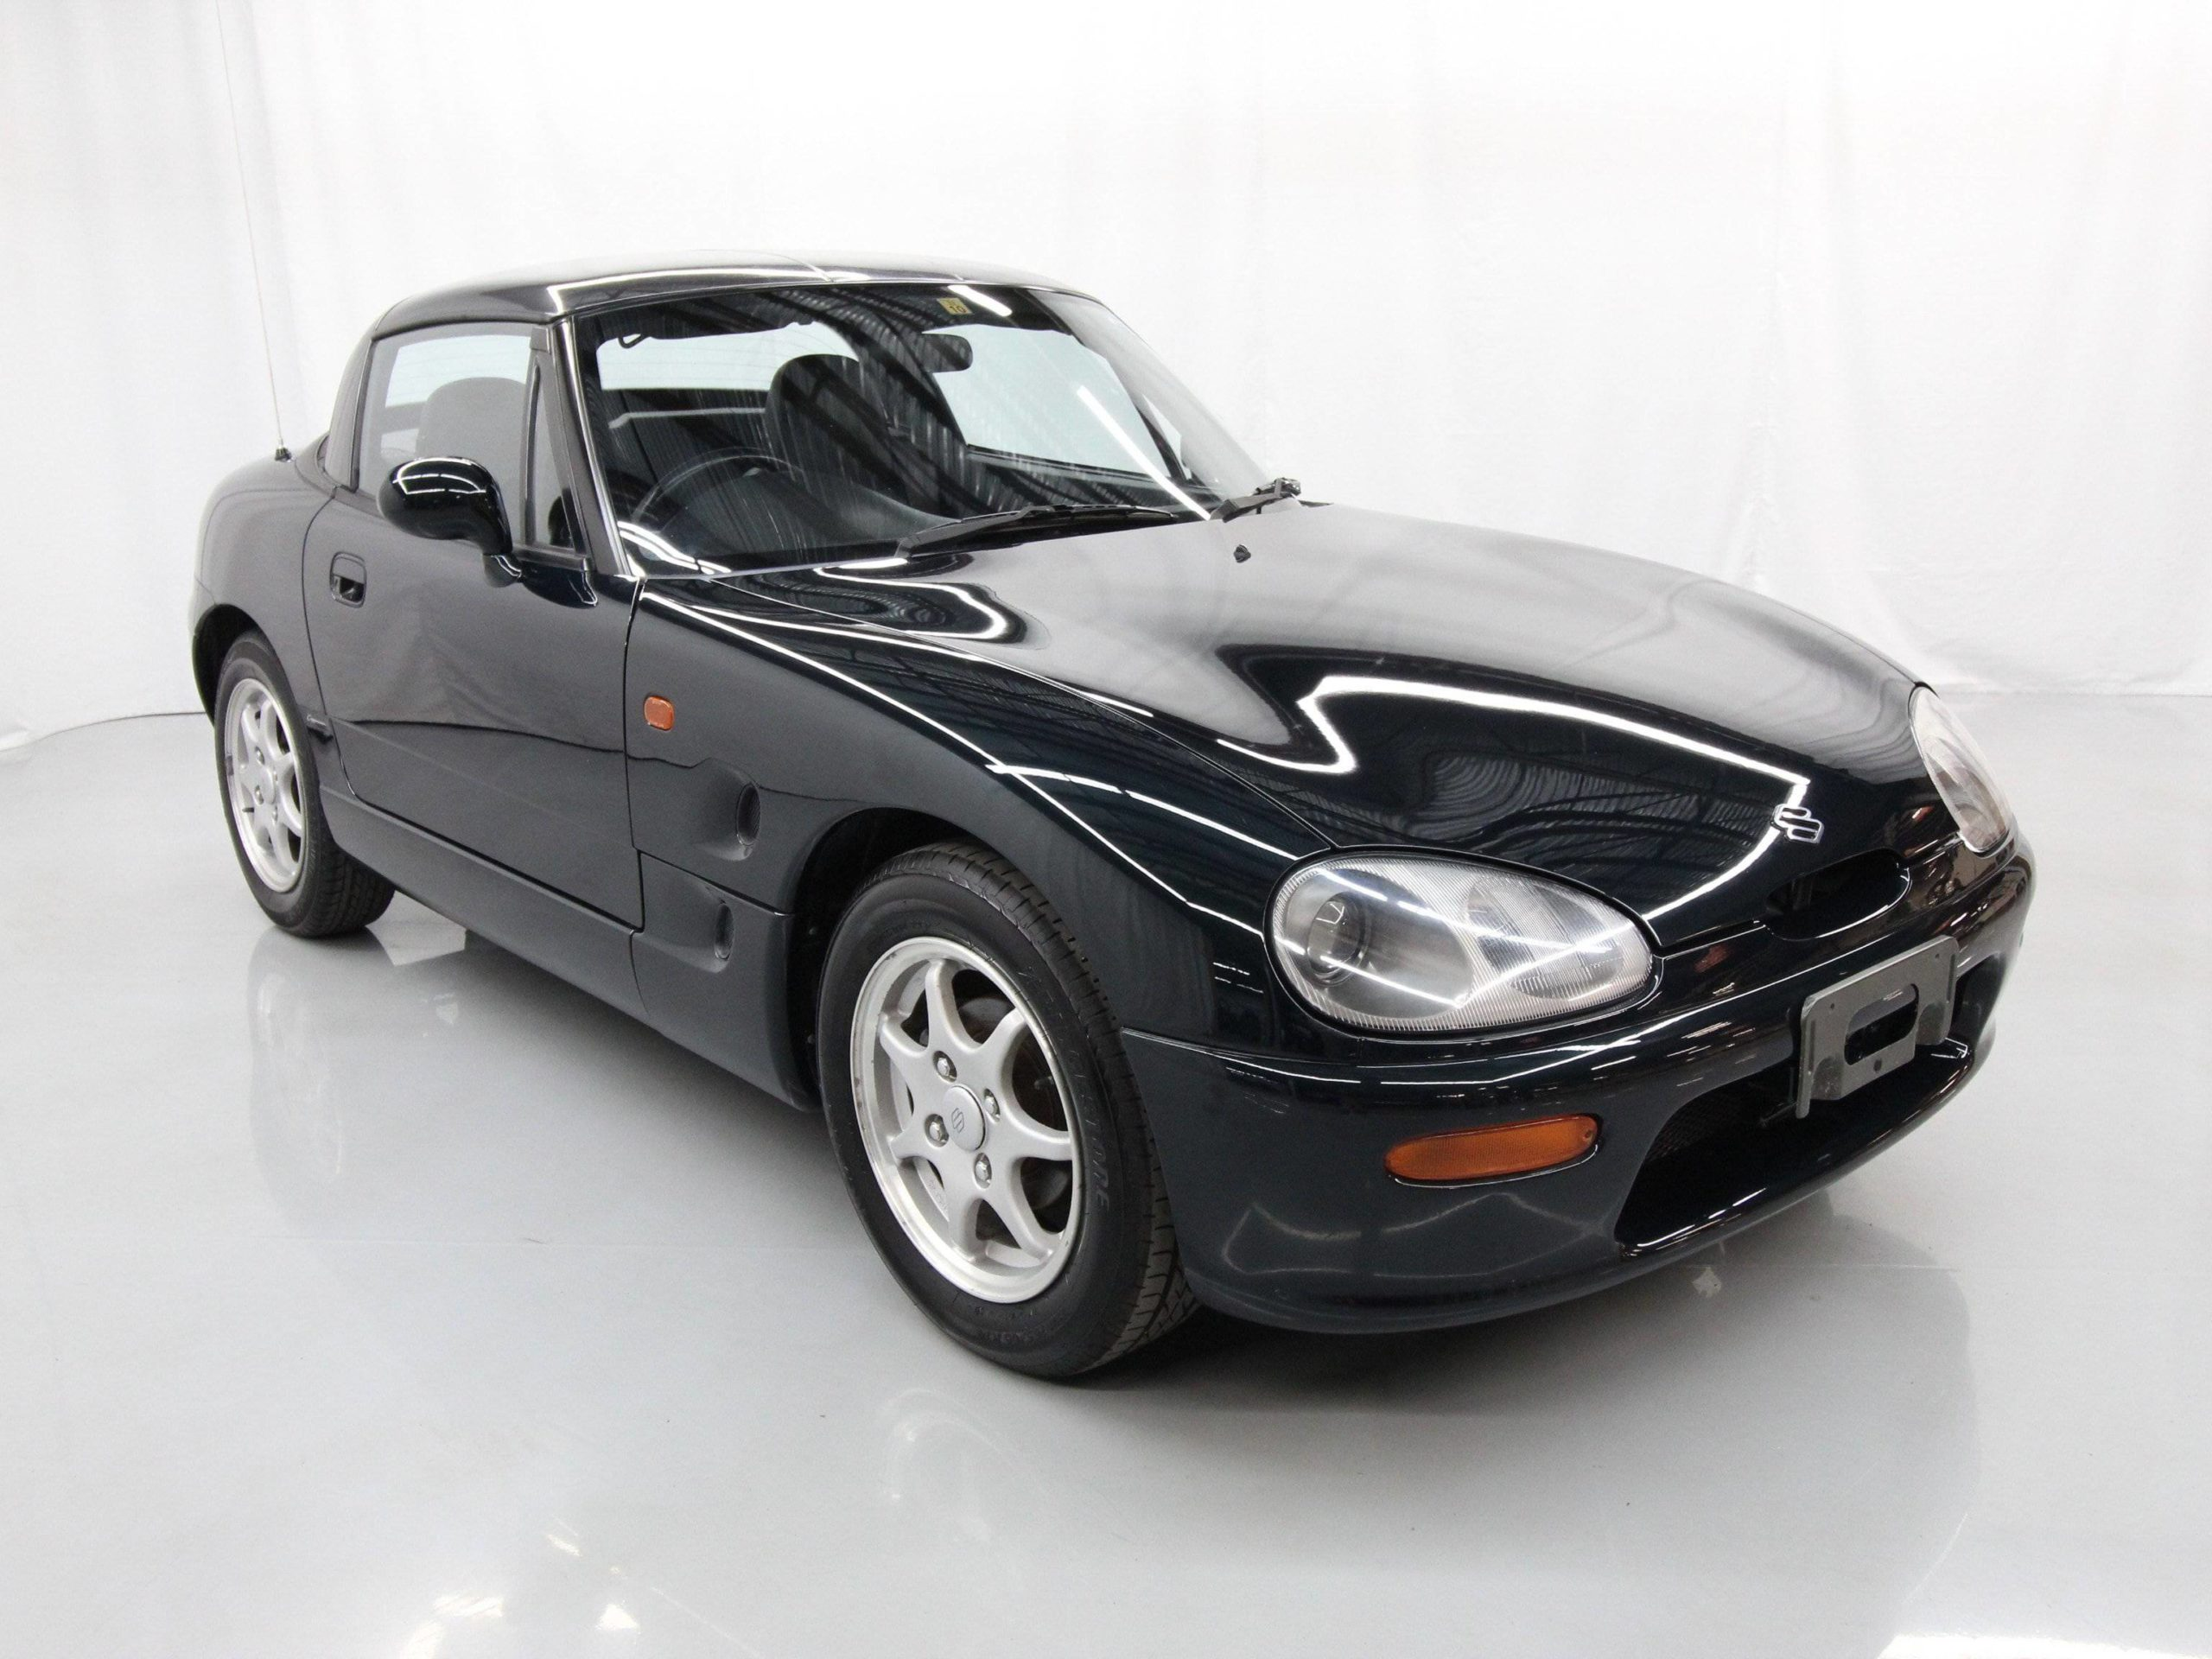 1993 Suzuki Cappuccino